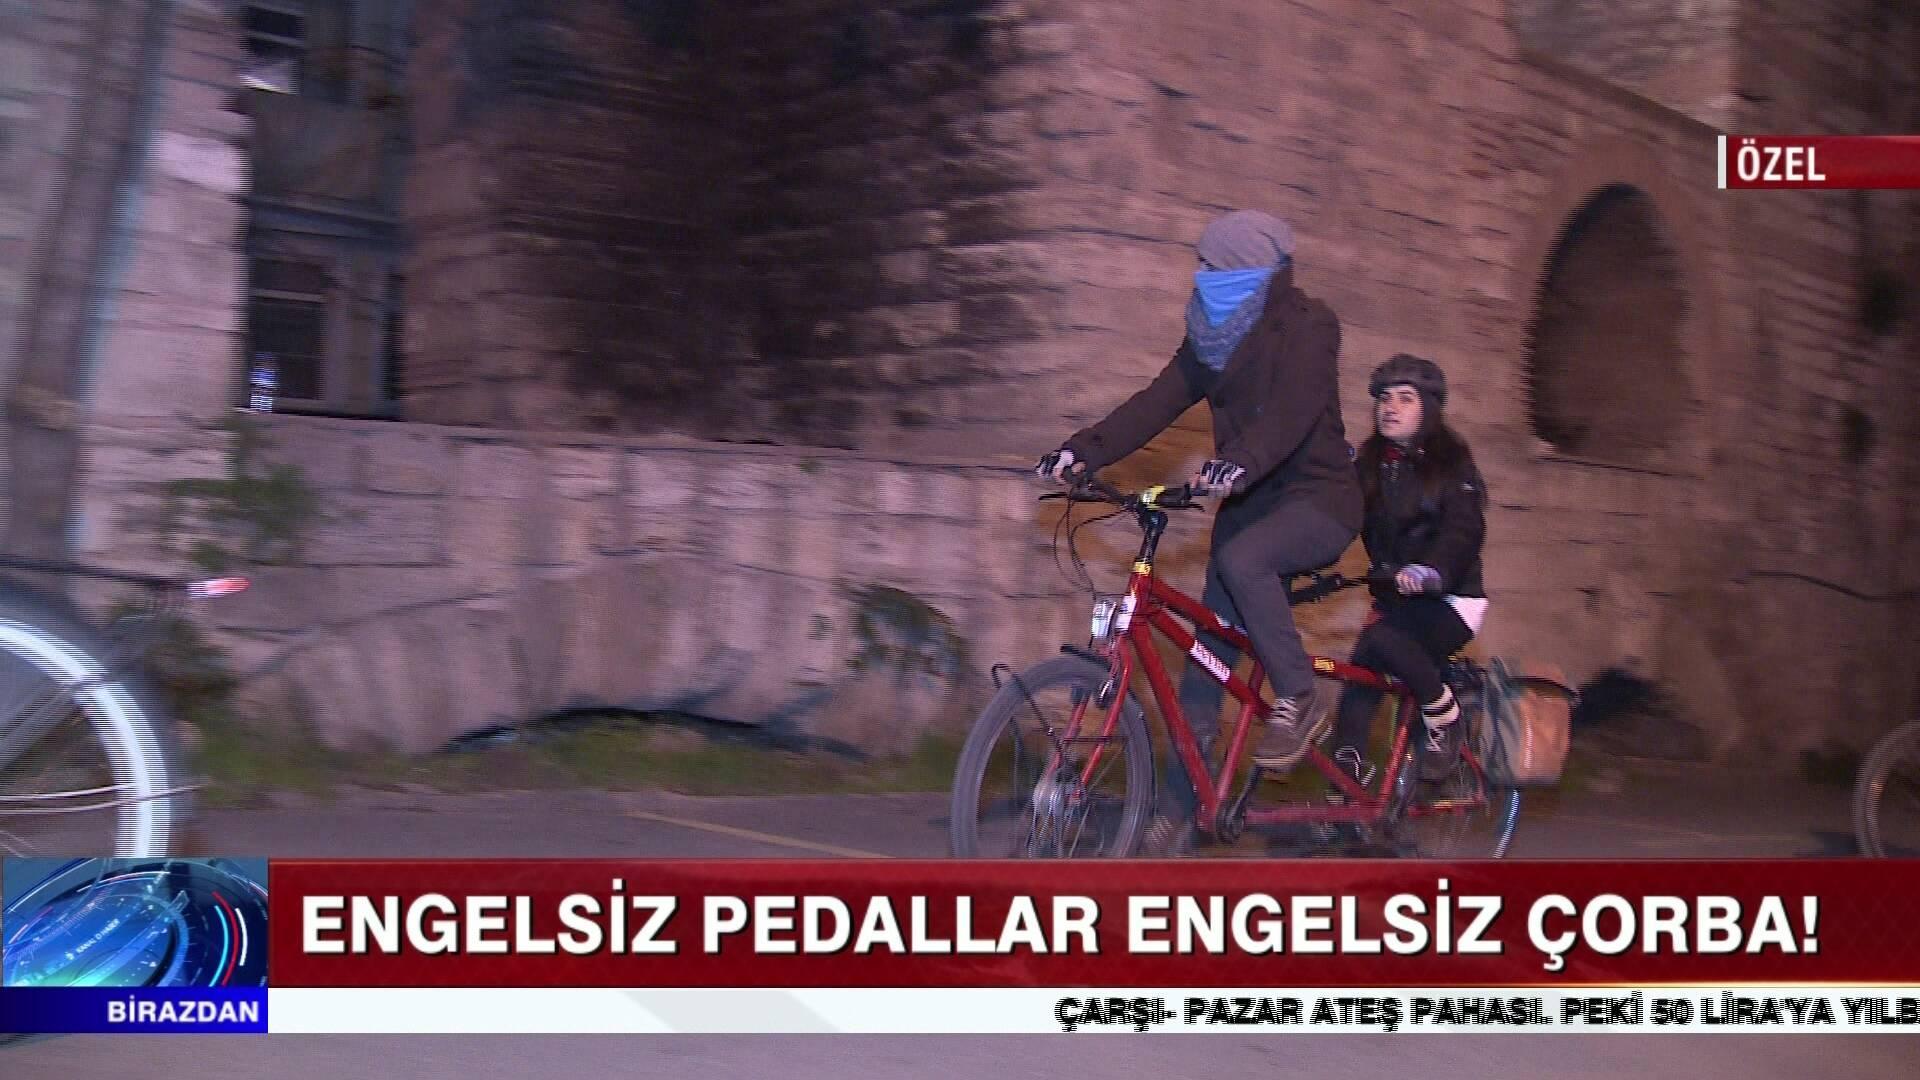 Bisikletli süper kahramanlar